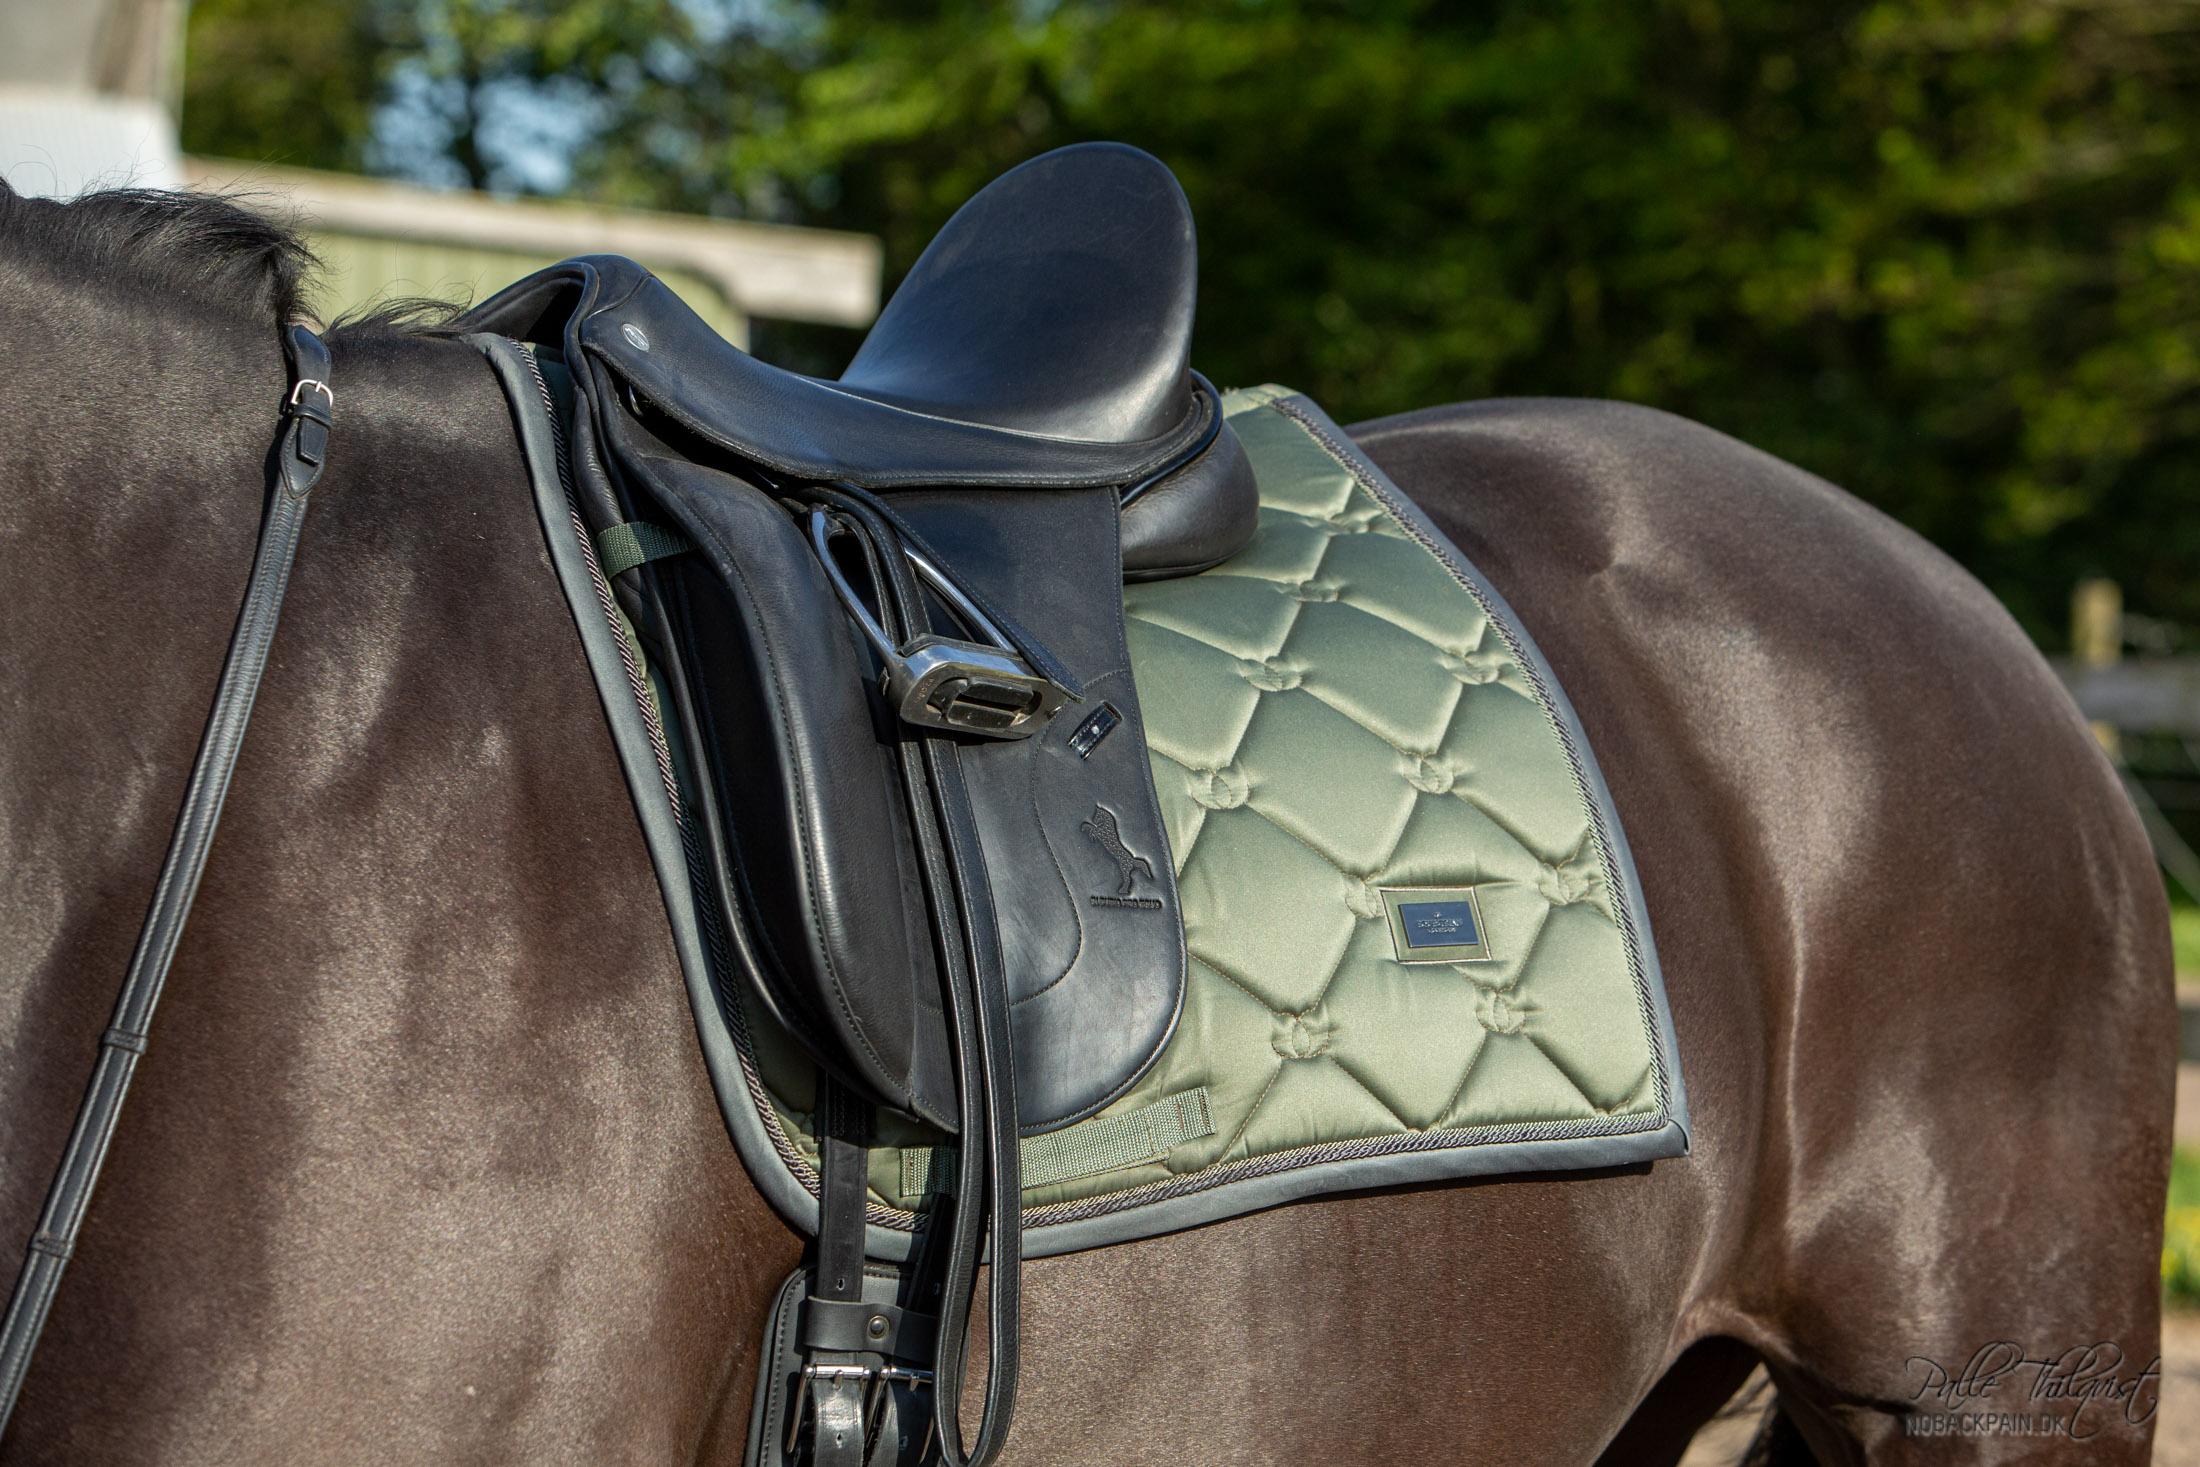 Morgenroth Premium sadlen har en bom der er lavet efter formen på Lappe's ryg og skuldre. Det er også muligt med denne sadel at lave bommen således at rytteren placeres i det rigtige balance punkt.